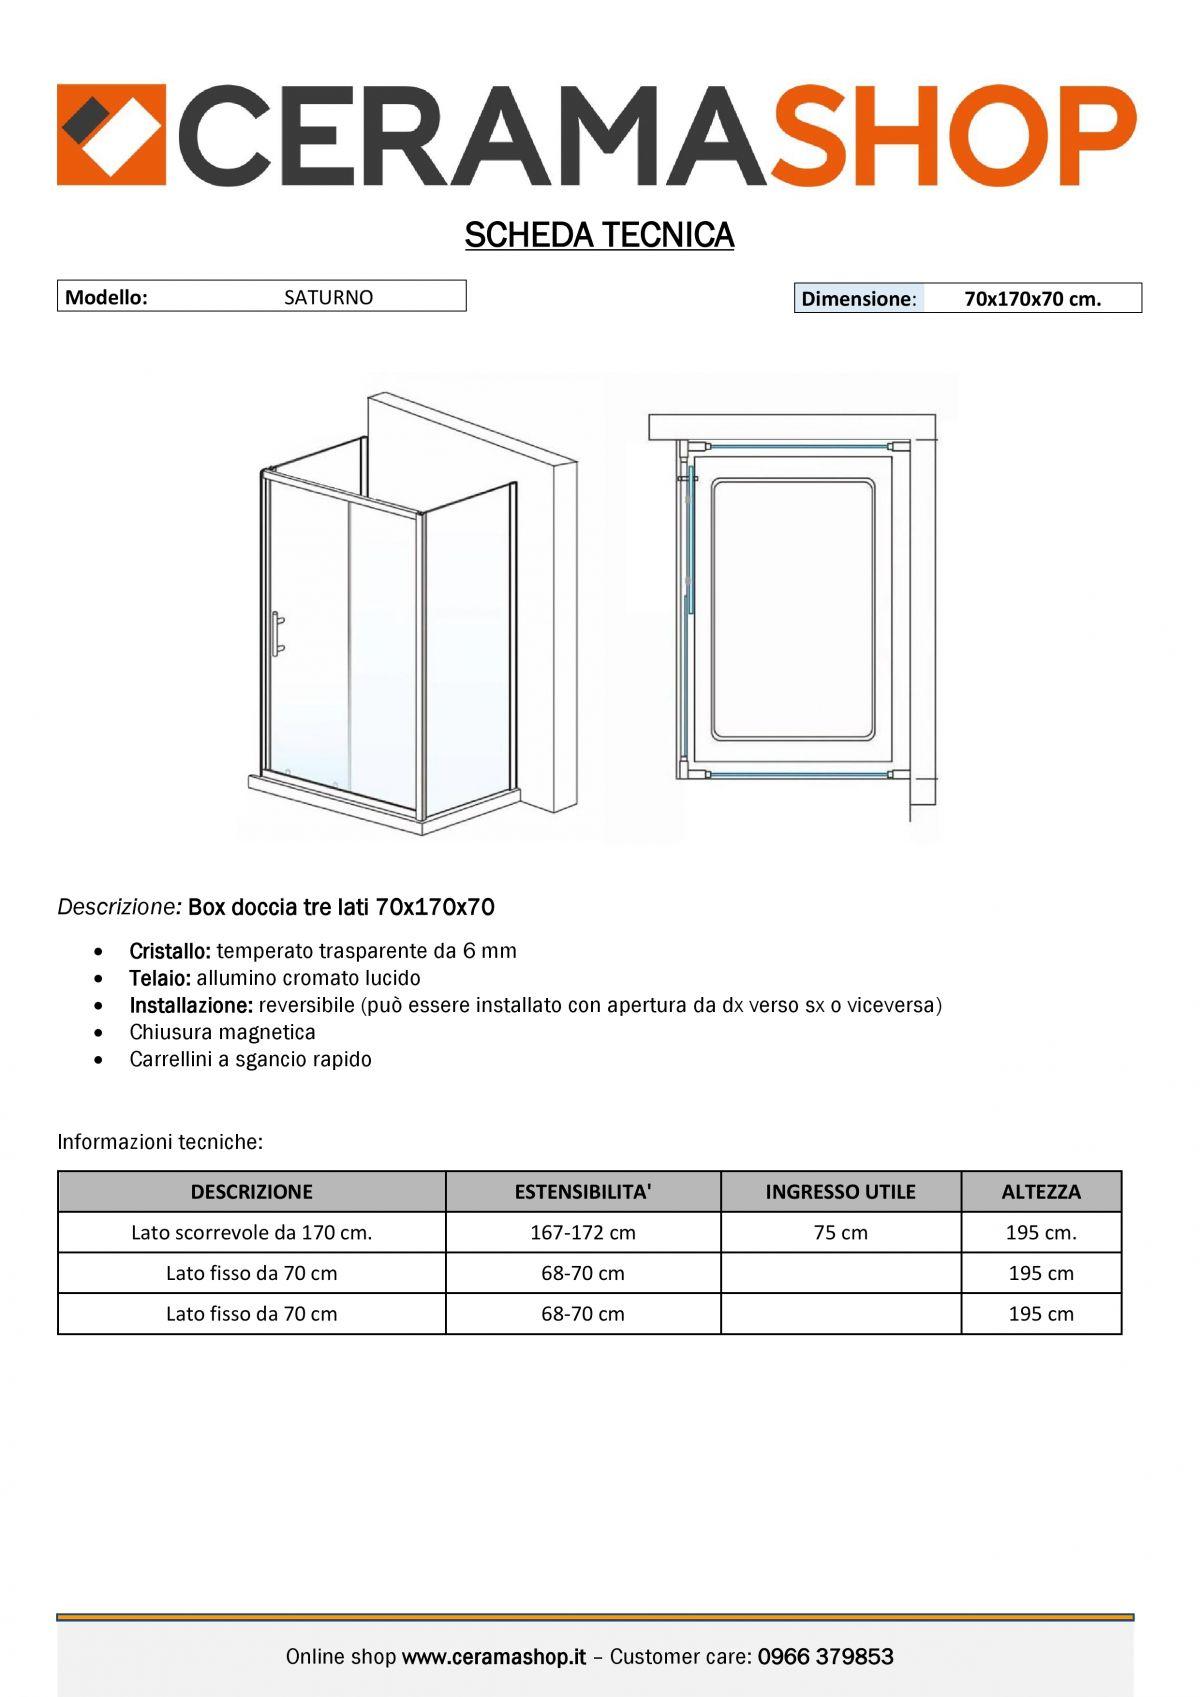 """70x170x70 0000012 scaled Box Cabina doccia tre lati """"Saturno"""" 70x170x70 cm scorrevole cristallo trasparente 6 mm"""